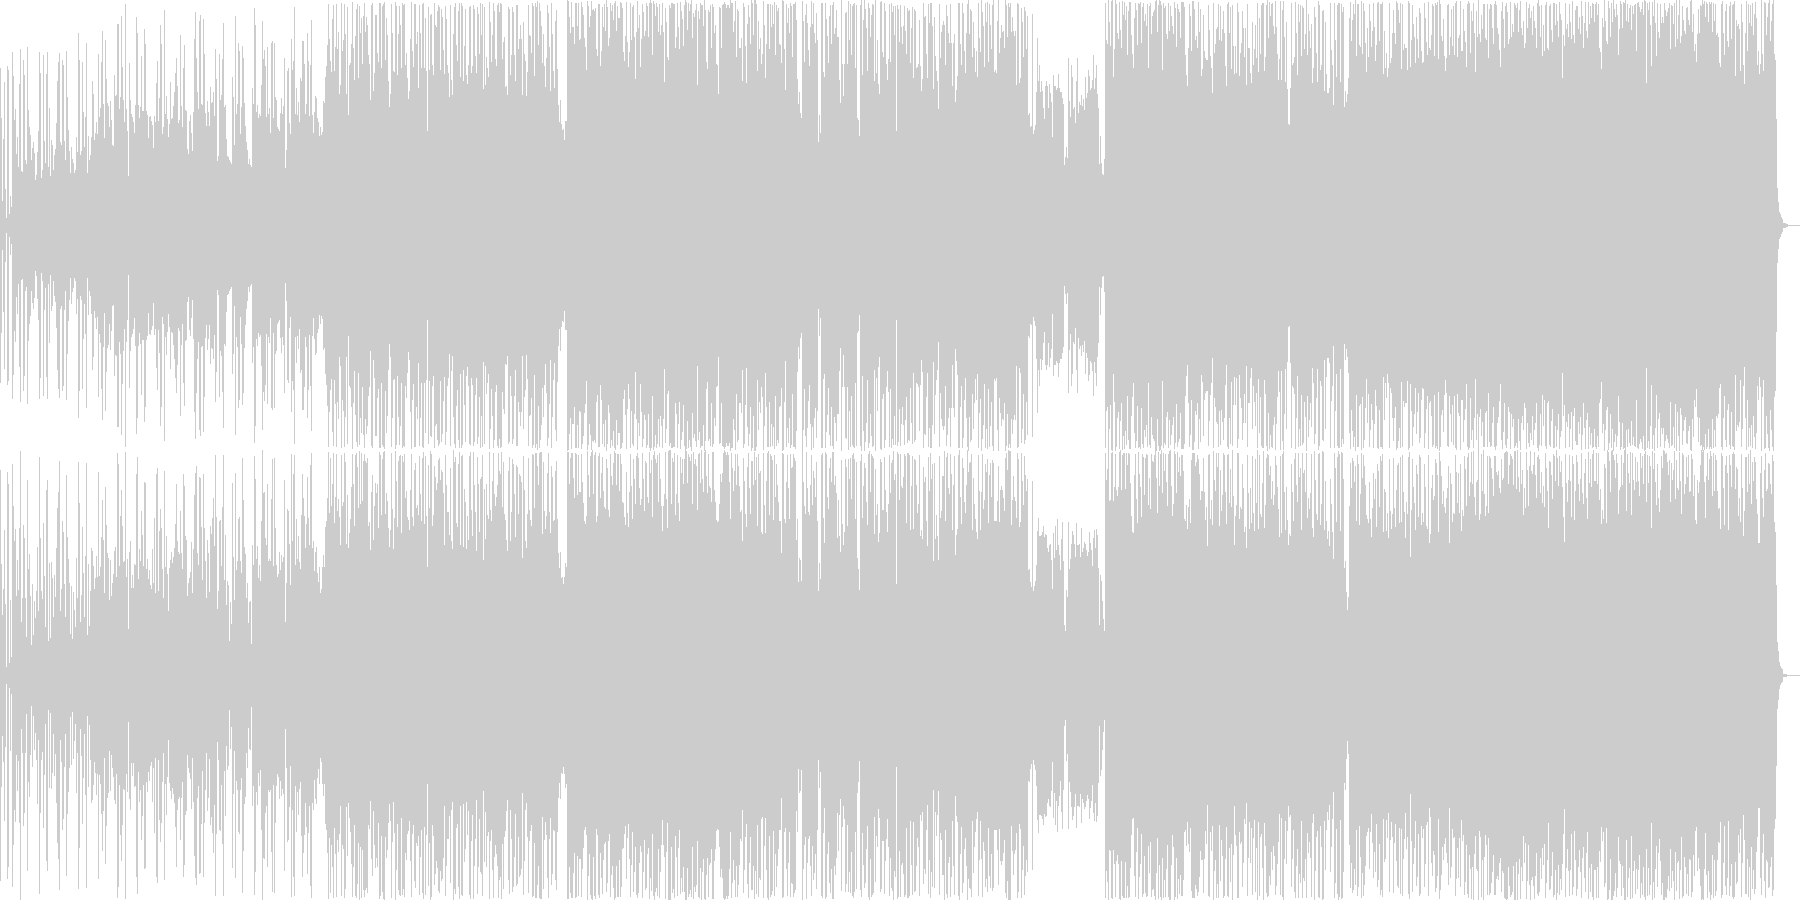 優しいピアンバラードの未再生の波形